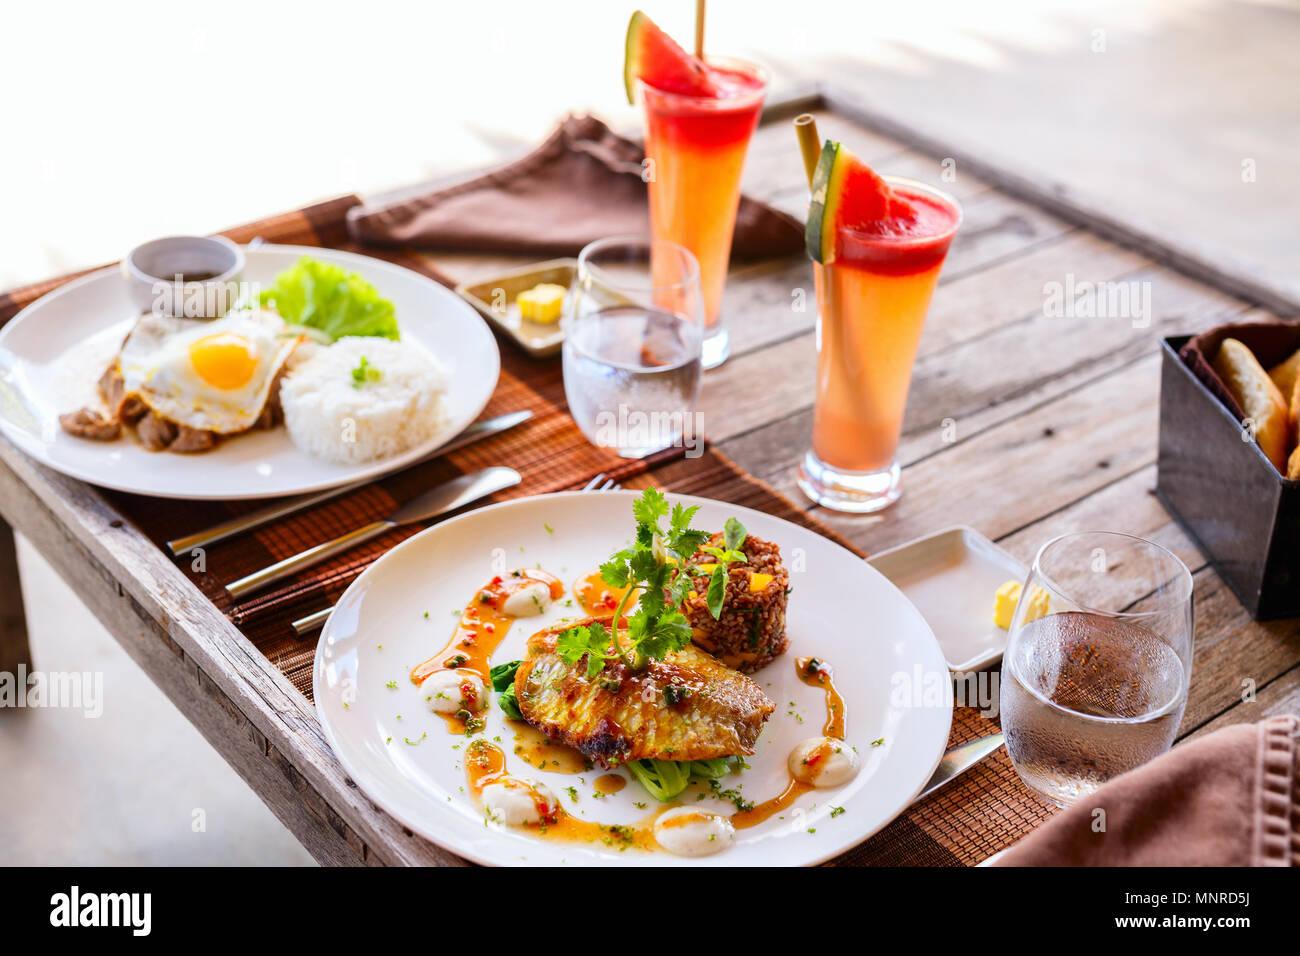 Deliciosa comida para dos en el restaurante de pescado, arroz, huevo frito y verduras verdes Imagen De Stock